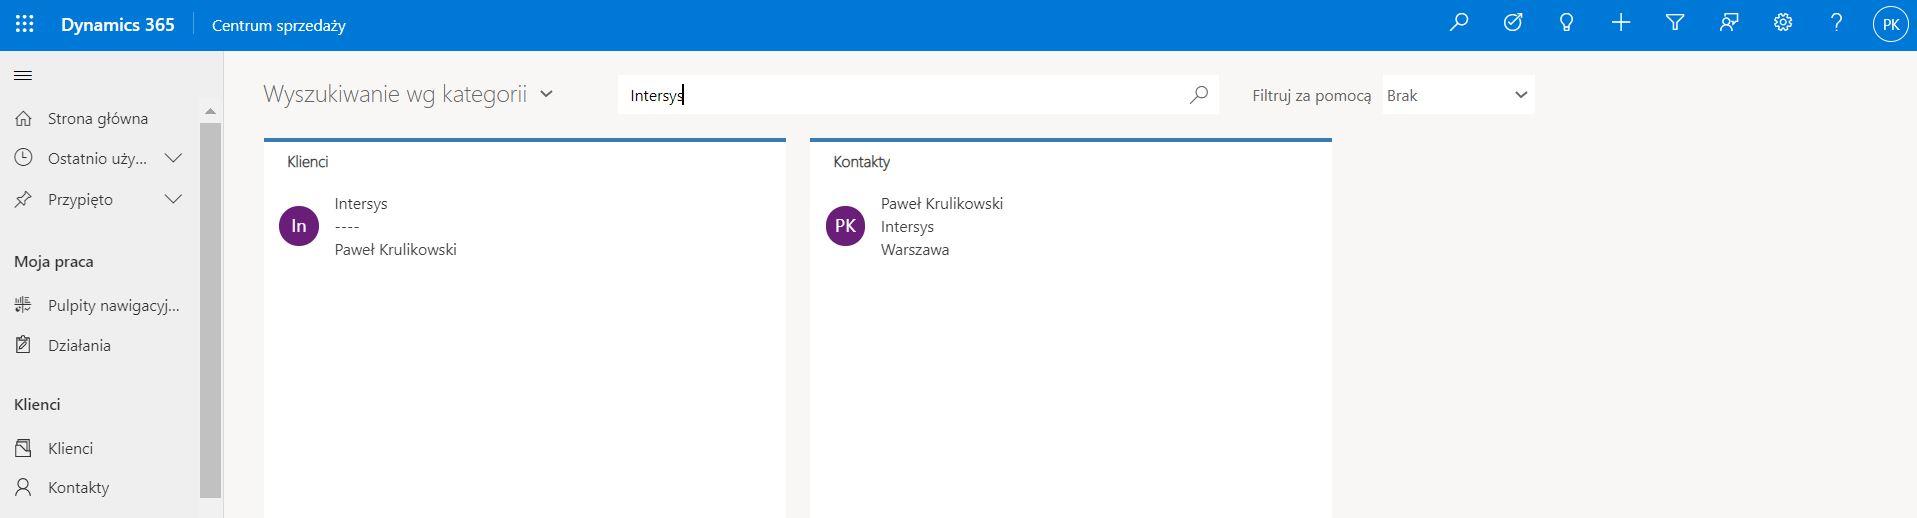 Wyszukiwanie według stopnia zgodności w Microsoft Dynamics 365